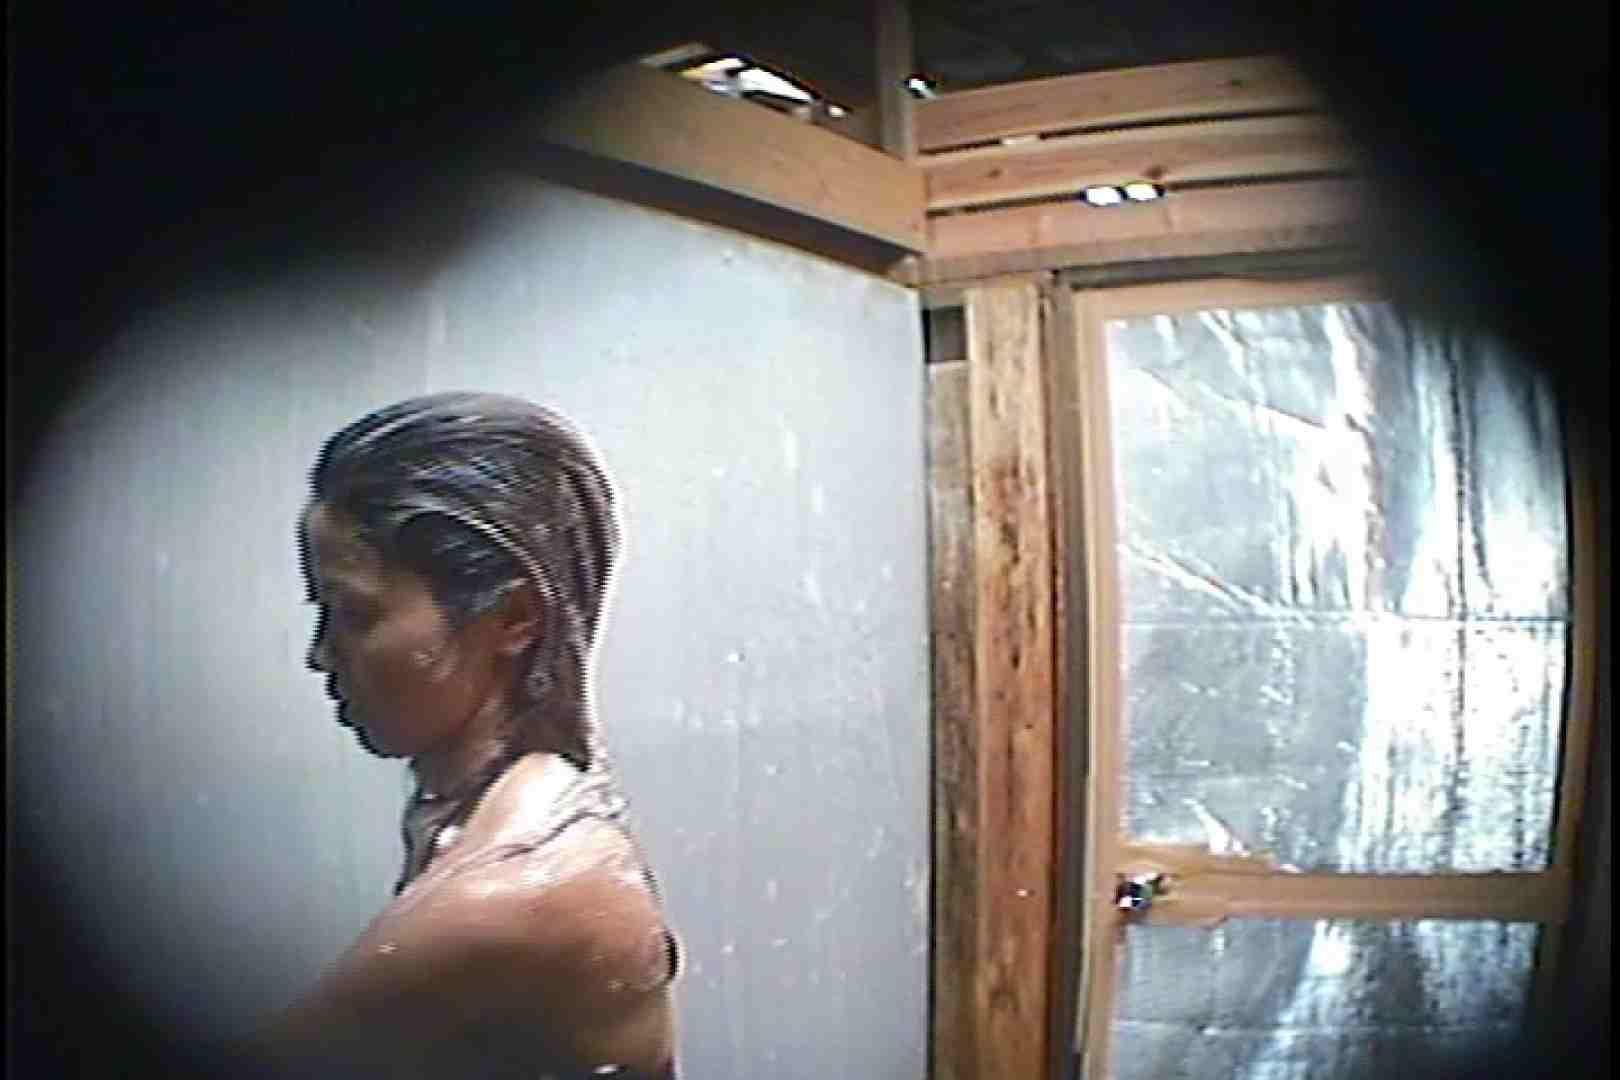 海の家の更衣室 Vol.45 美女 SEX無修正画像 79画像 34